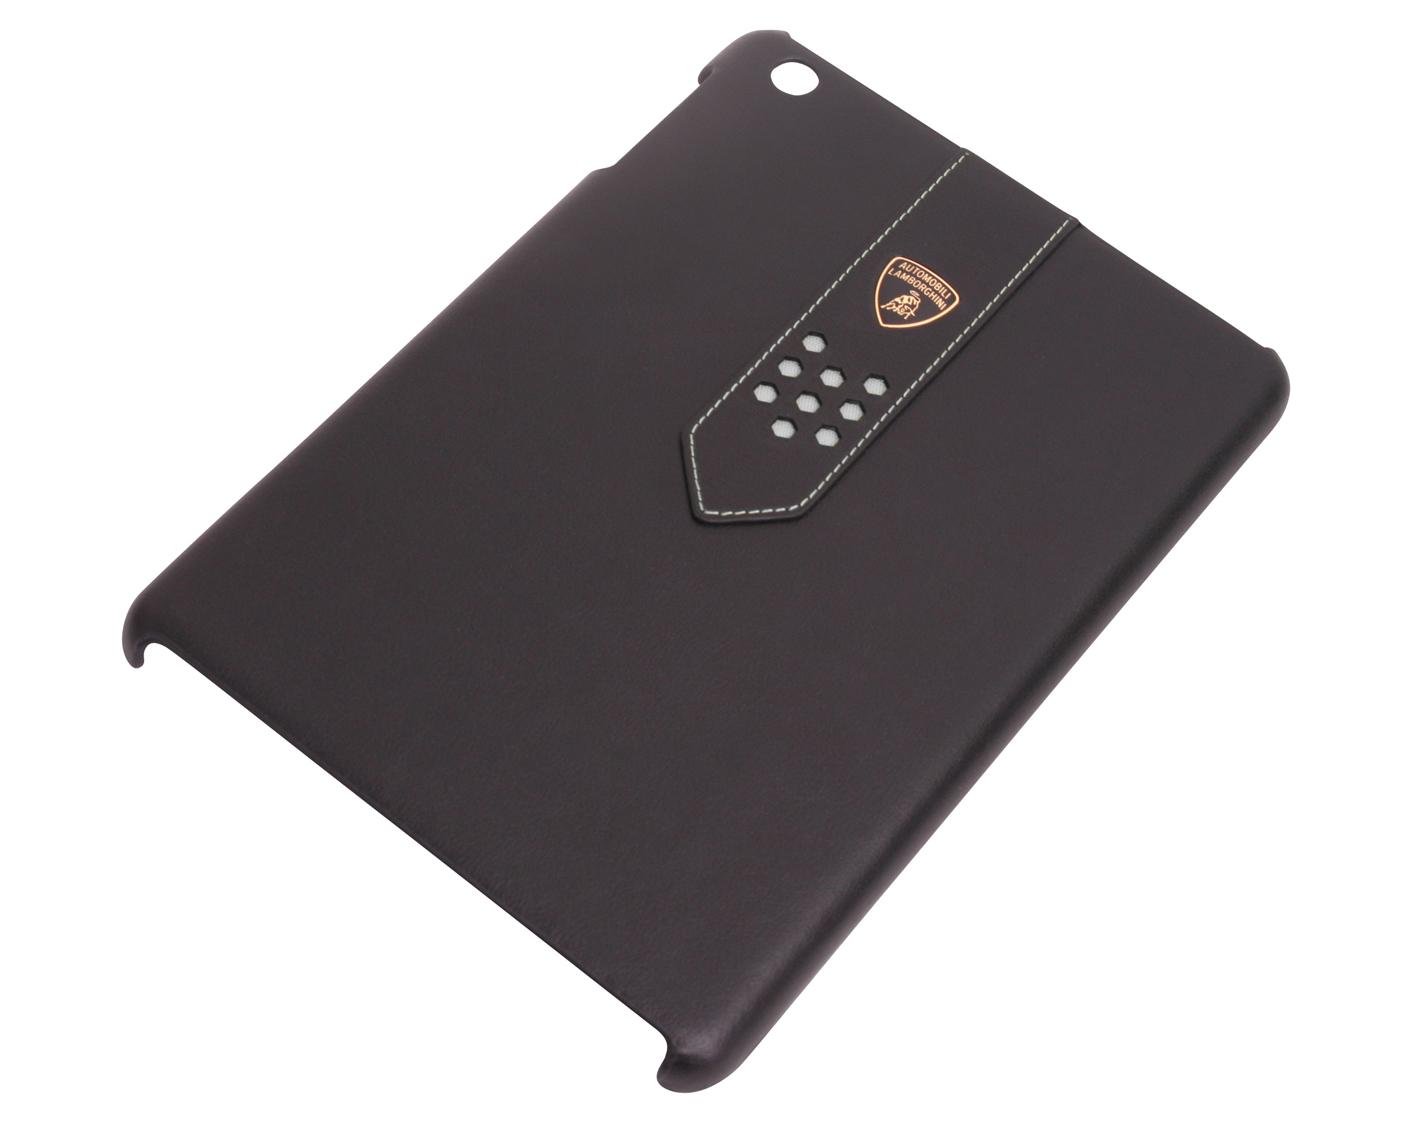 Чехол-крышка LamborghiniЧехлы для телефонов<br>Марка телефона: iPad mini,<br>Тип: чехол,<br>Цвет: черный/белый,<br>Материал: кожа,<br>Вес нетто: 0.2<br>